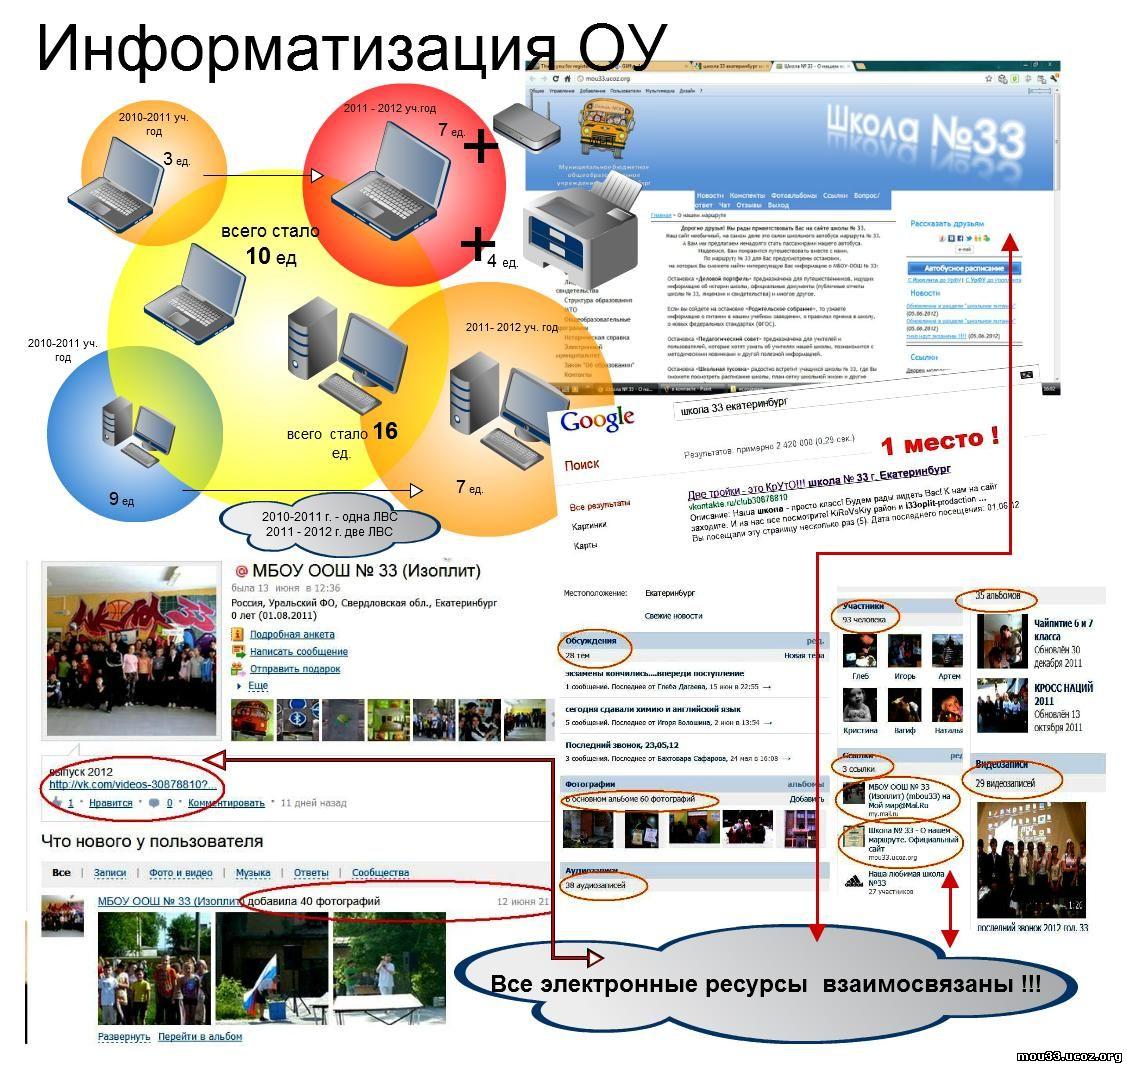 Школа 33 в цифрах и фактах инфографика